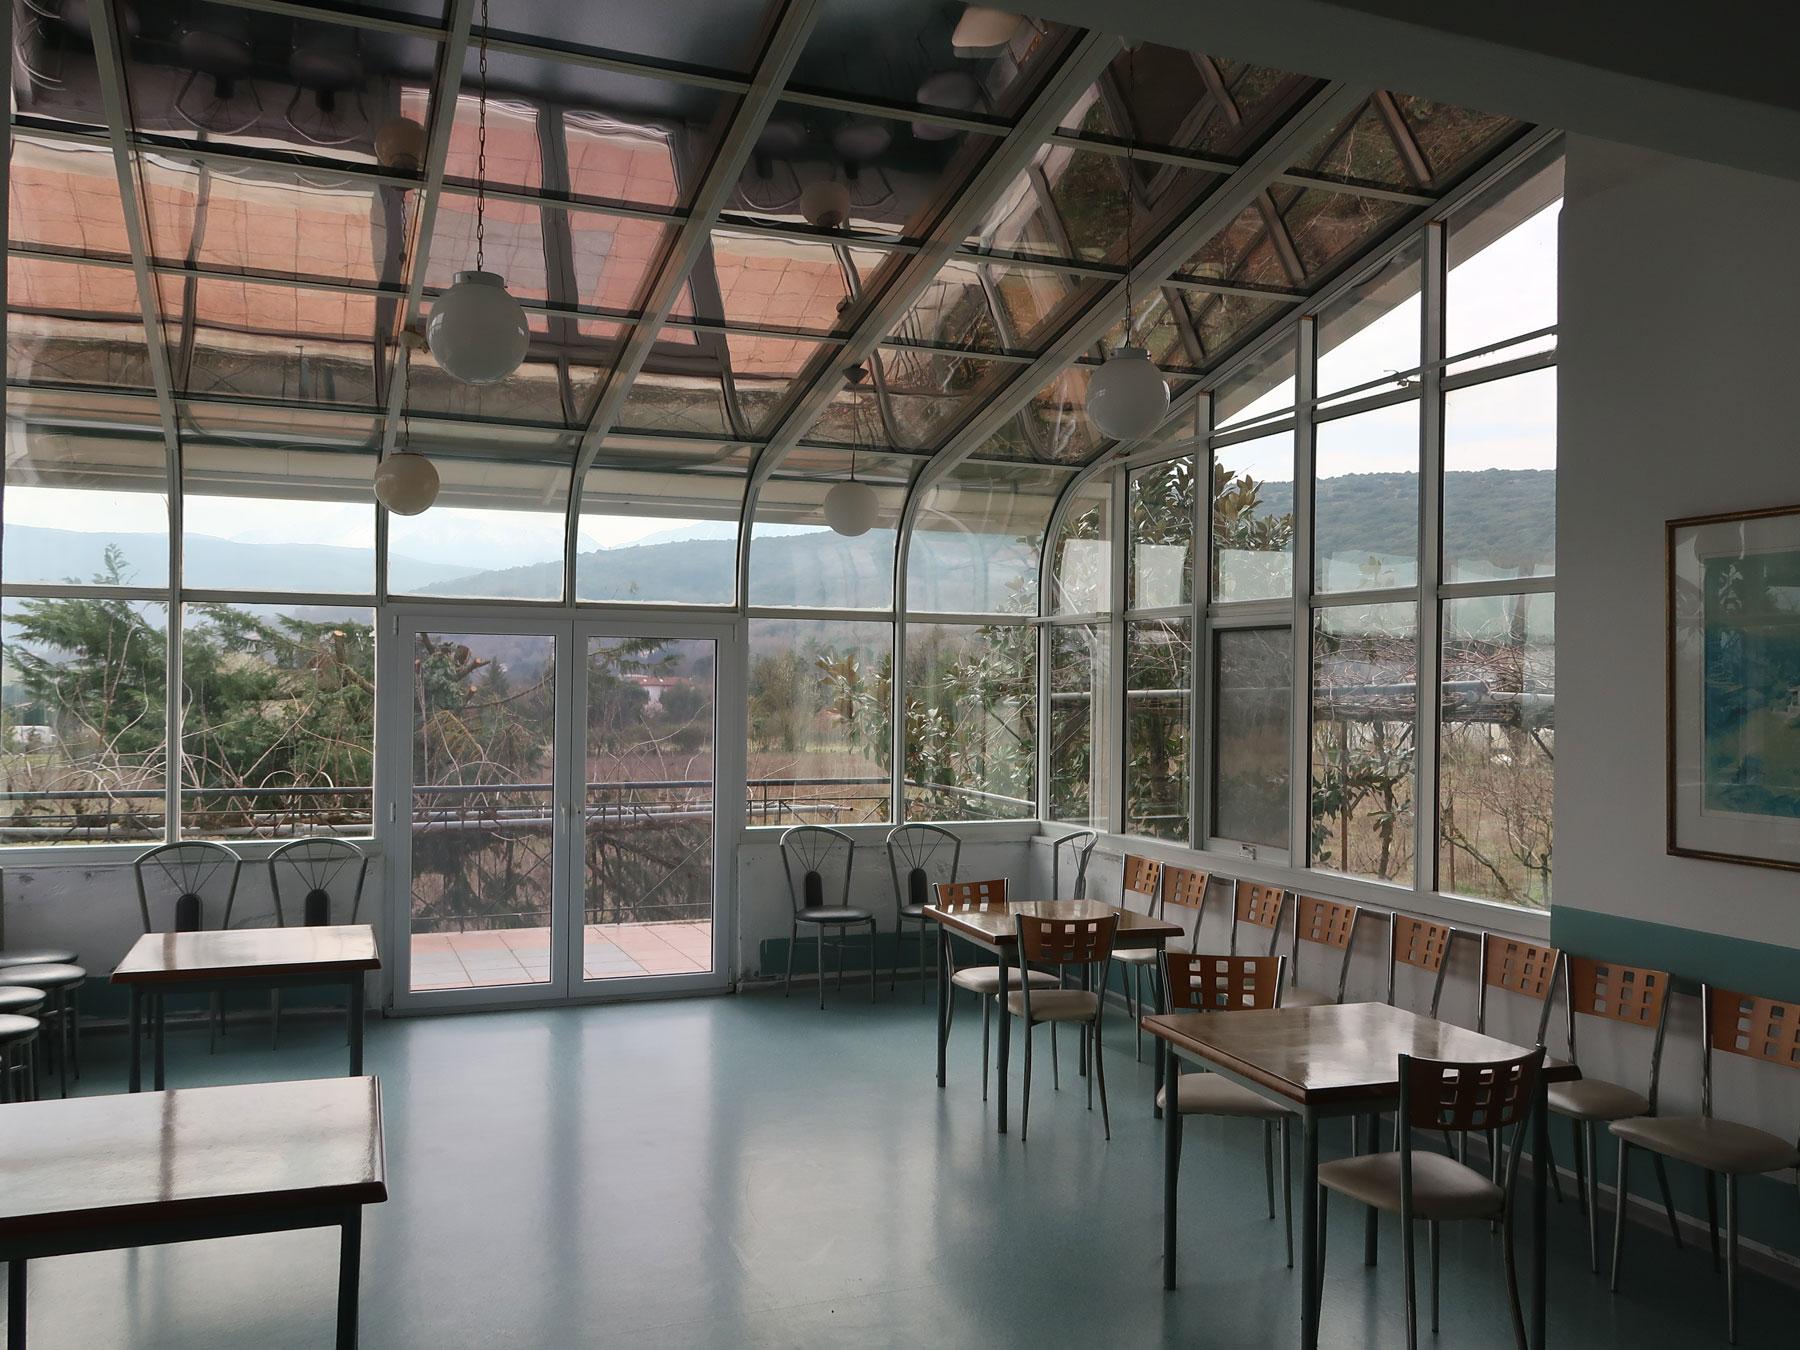 Πωλείται επαγγελματικό κτίριο 1300 τμ. σε έκταση 6 στρεμμάτων σε ήσυχη τοποθεσία στα Γιάννενα